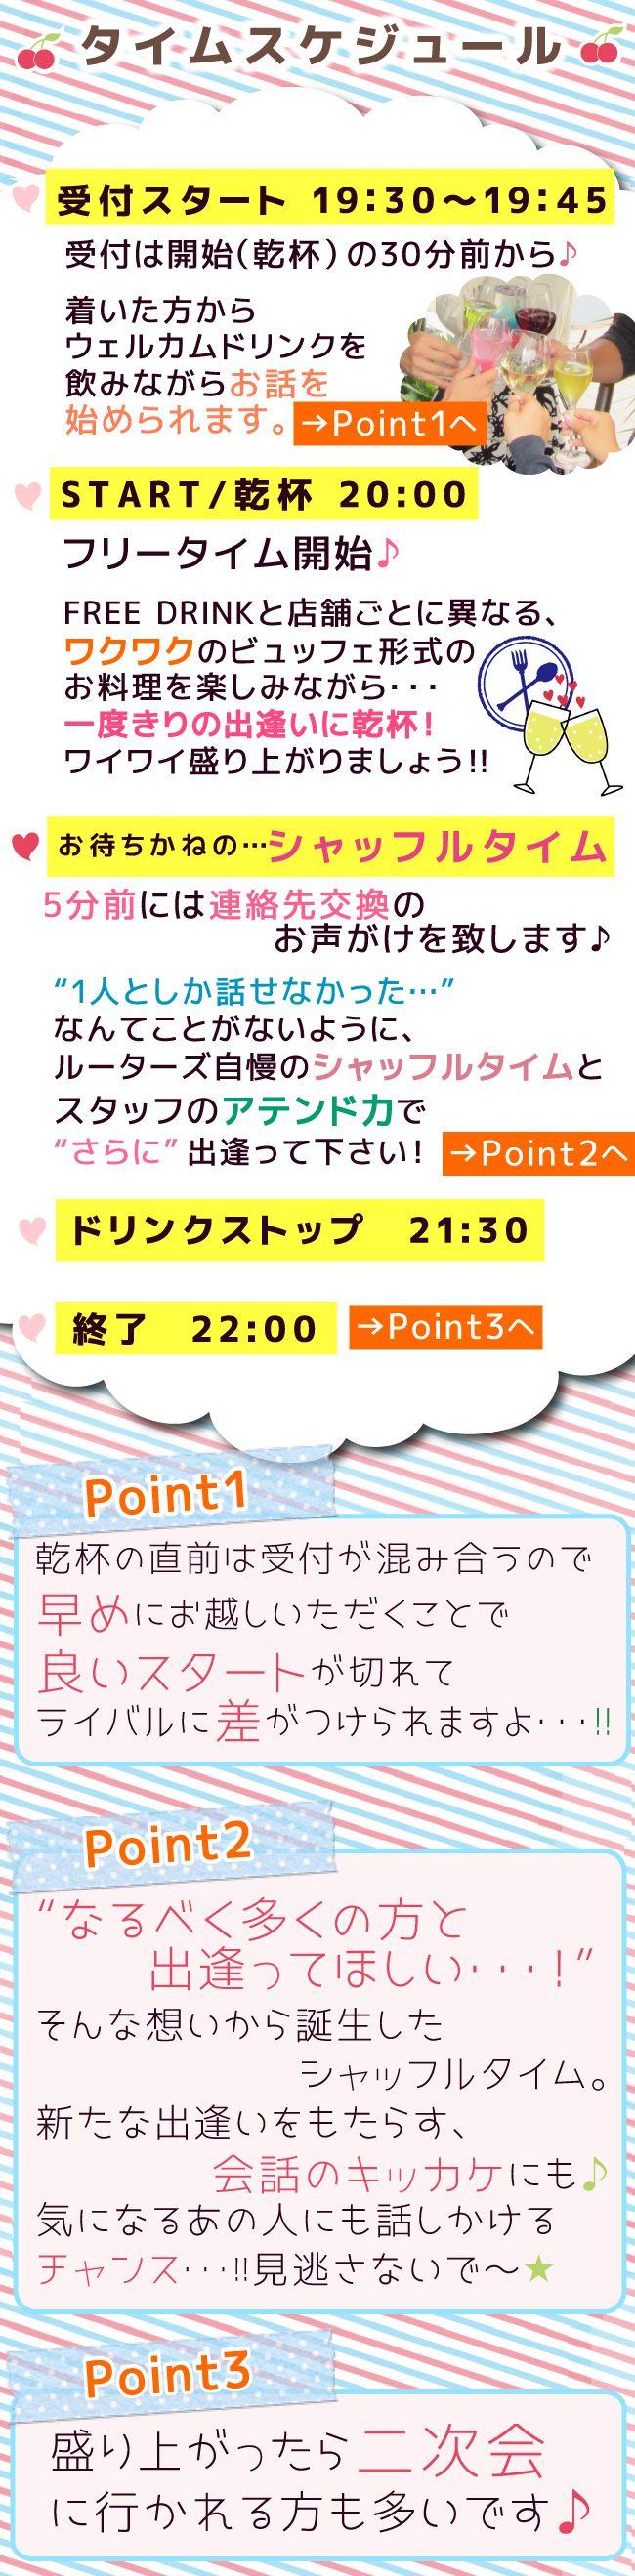 ☆他社2000